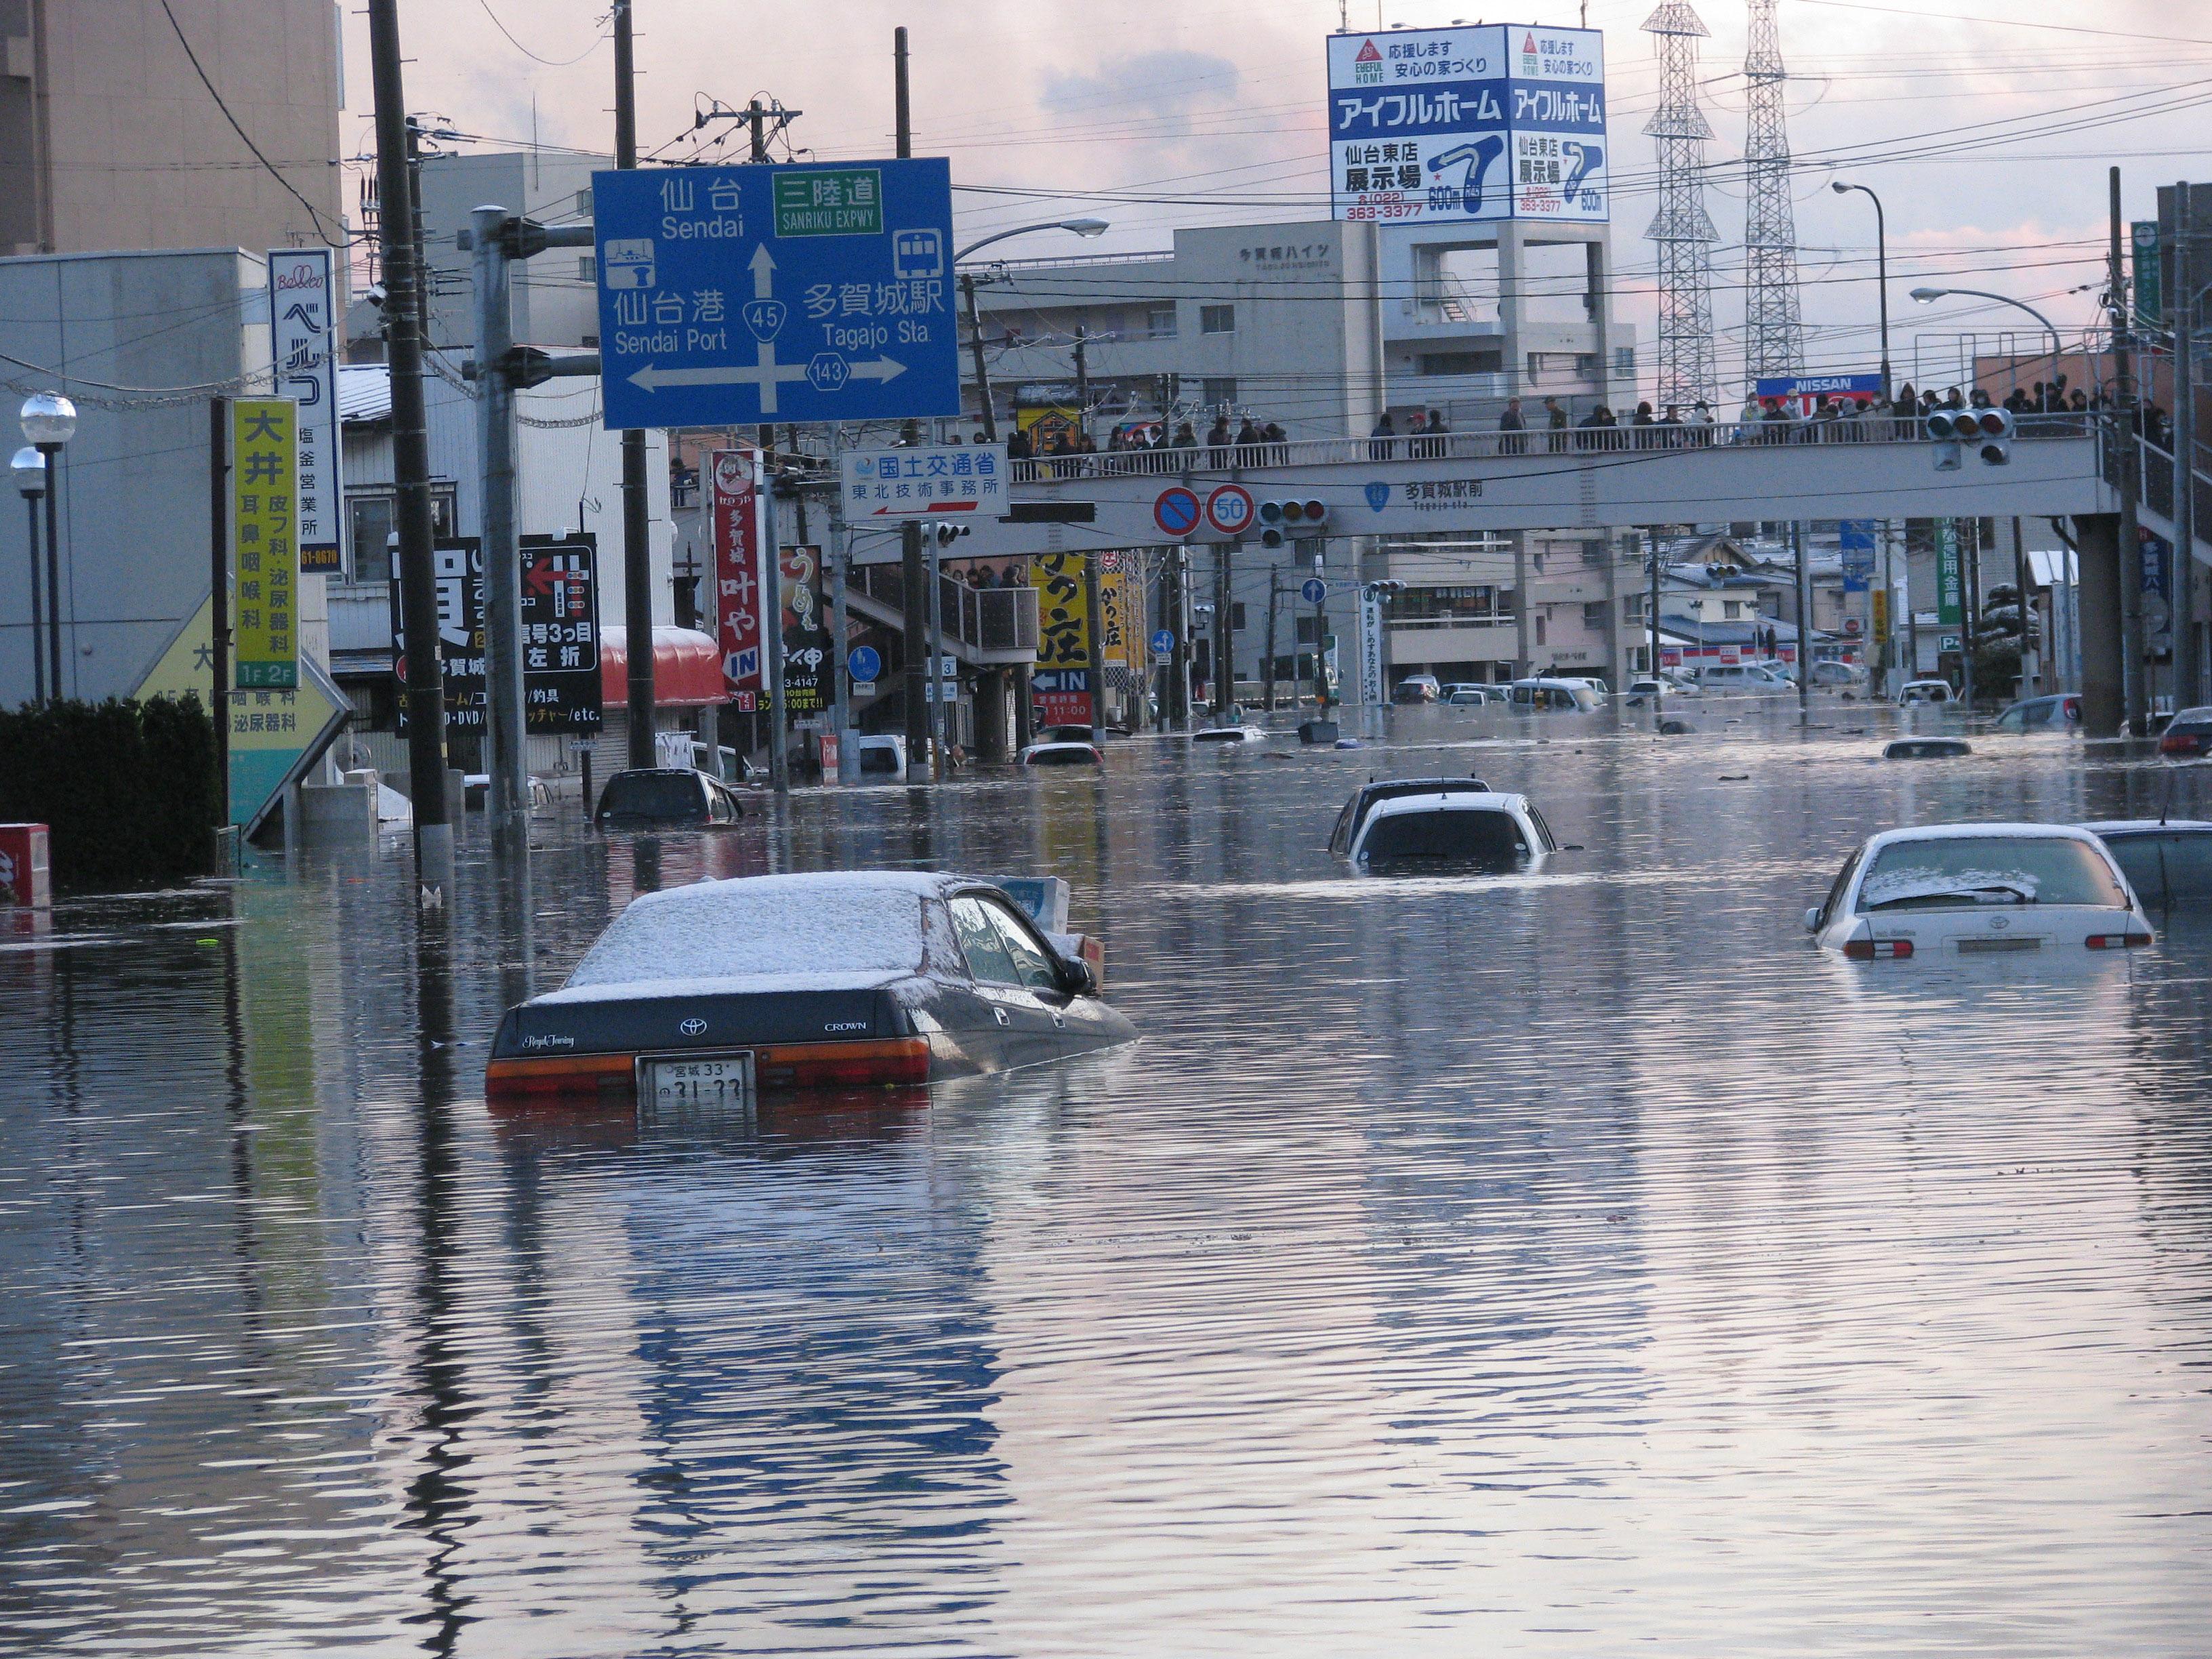 宮城県多賀城市で起こった東北大震災の津波